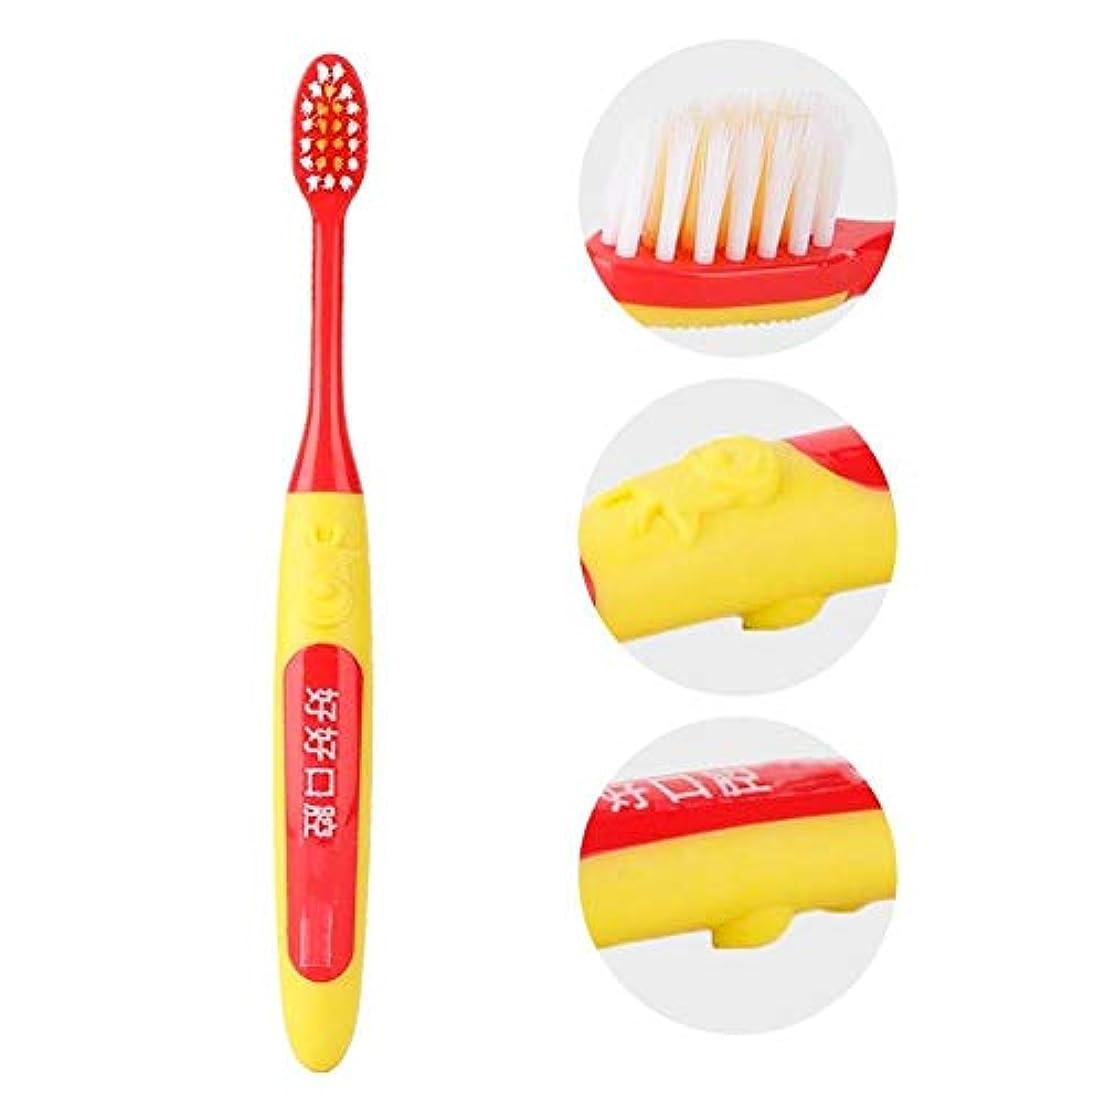 歯ブラシ子供の柔らかい髪の歯ブラシかわいい子供のクリーニング歯ブラシオーラルケアツール(黄色いハンドル)